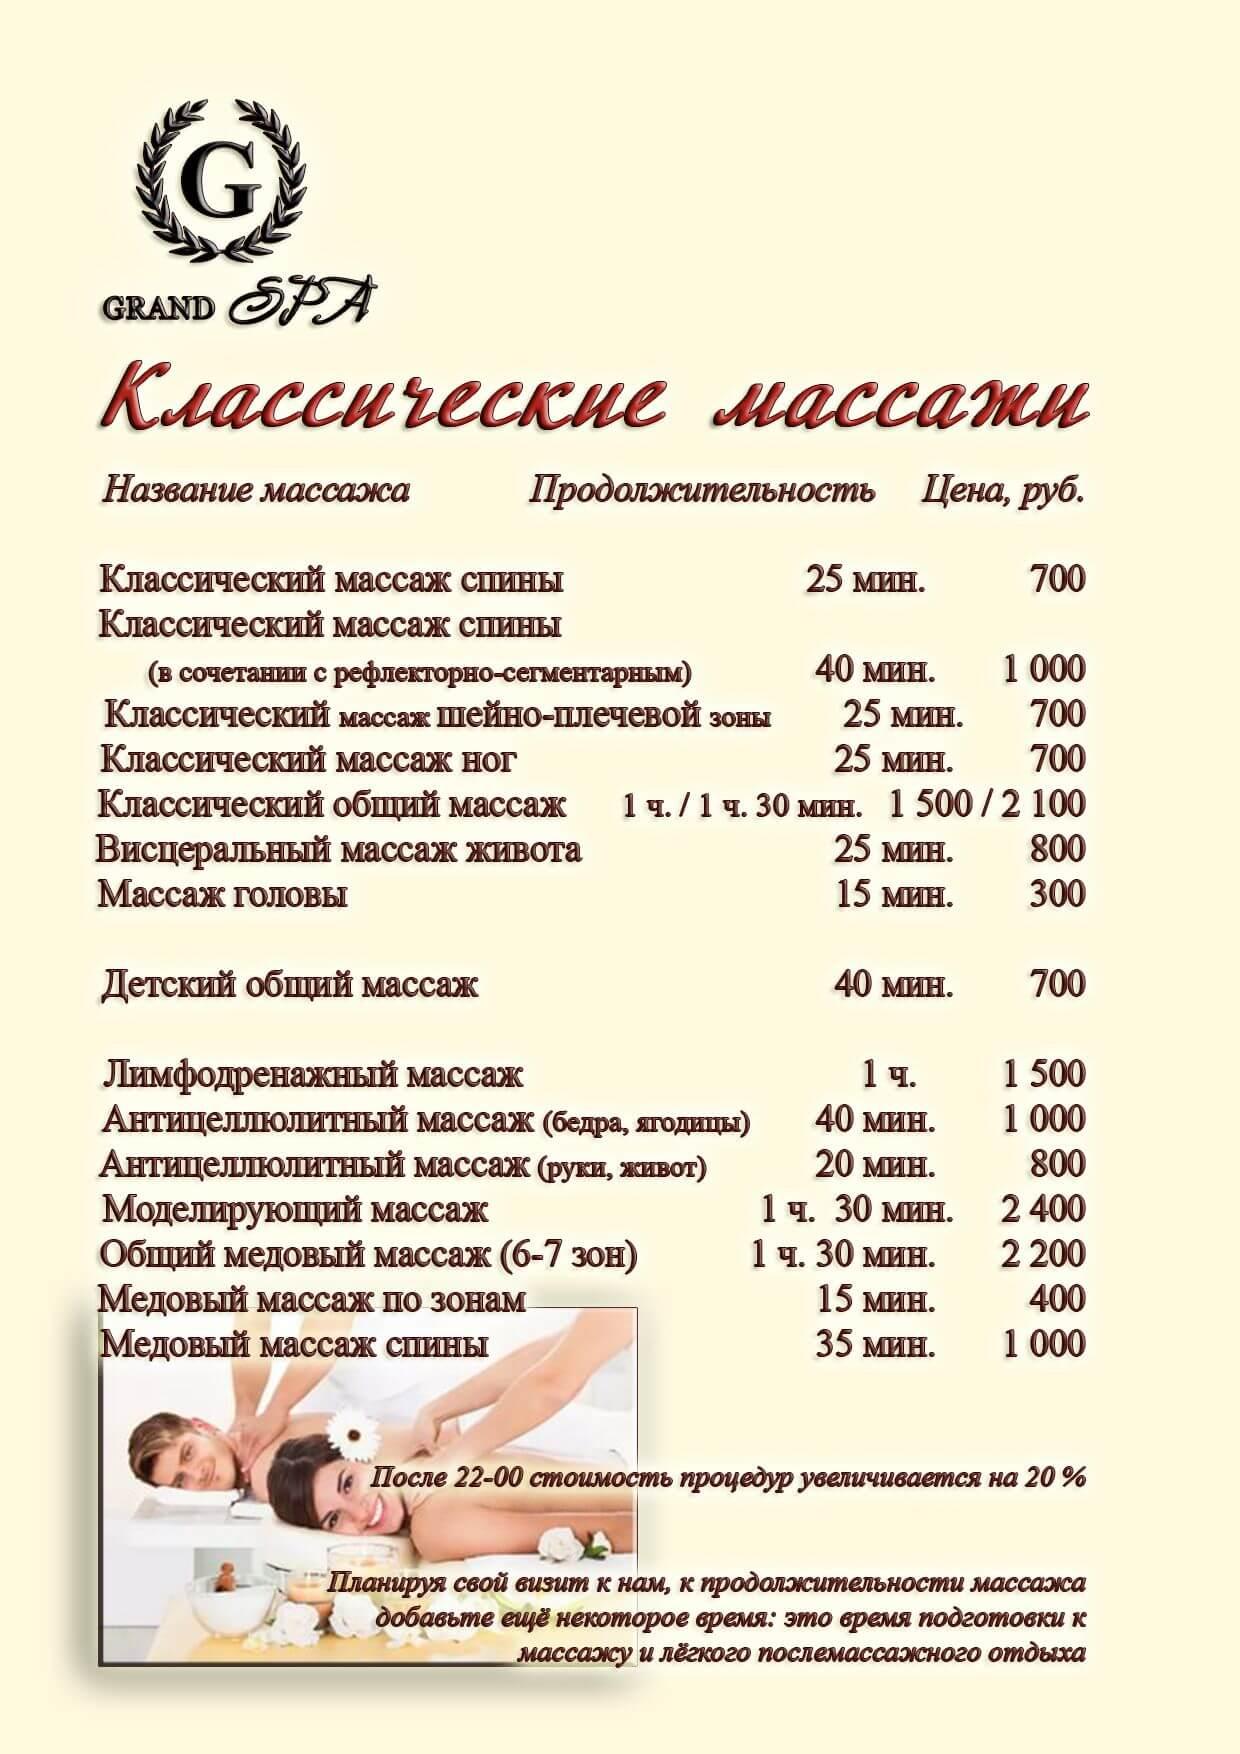 Цены на классические массажи - Гранд отель Гагра - отель европейского уровня в Абхазии (Grand Hotel Gagra)